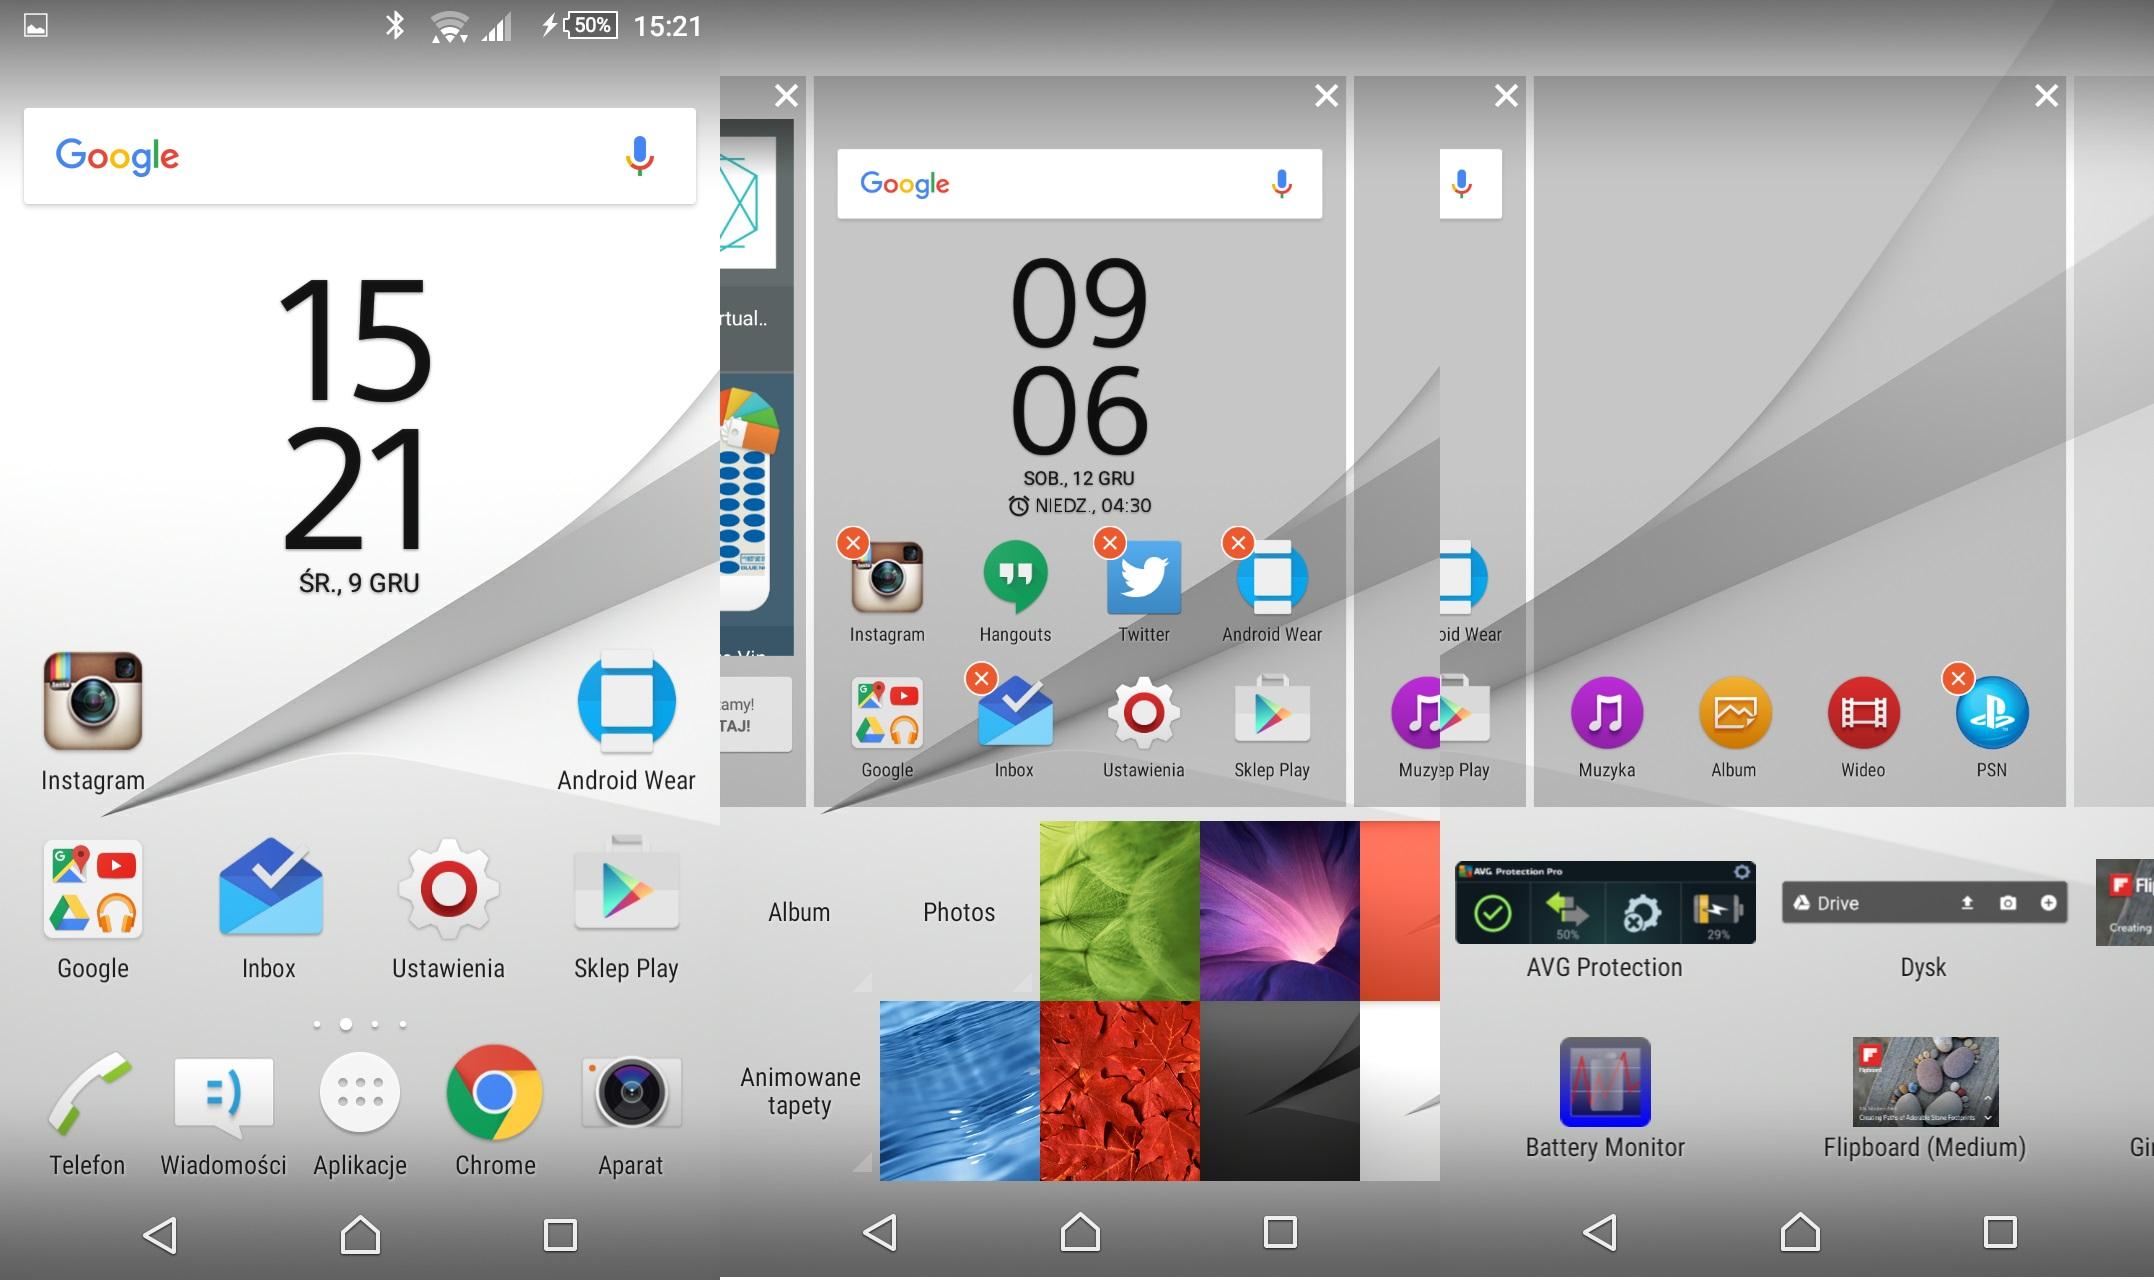 Recenzja Sony Xperii Z5 Compact - wygląd ekranu głównego i personalizacja - 90sekund.pl